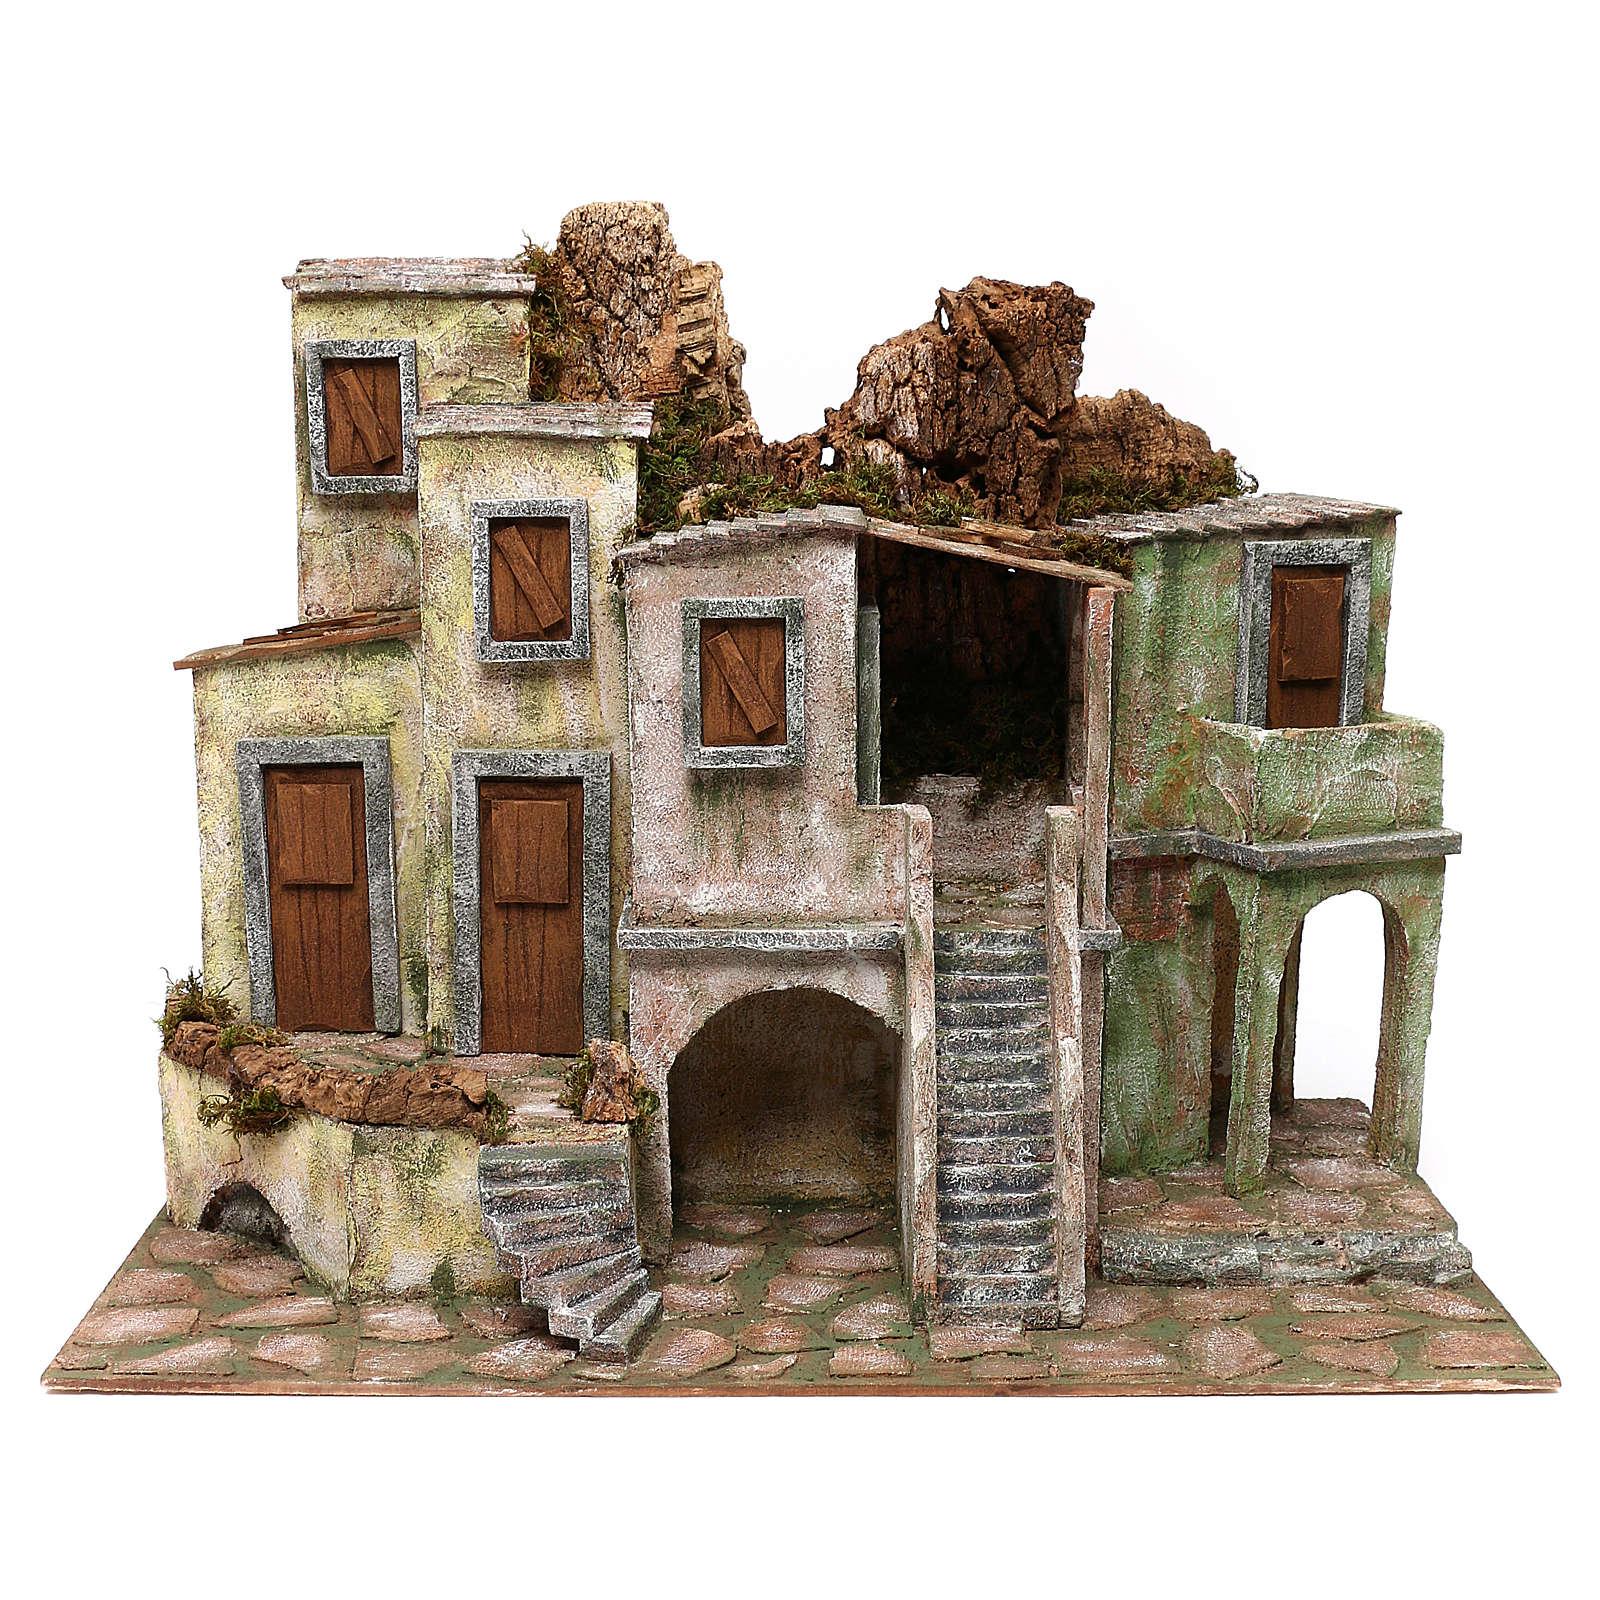 Borgo cittadino presepe 12 cm ambientazione 45x60x35 cm 4